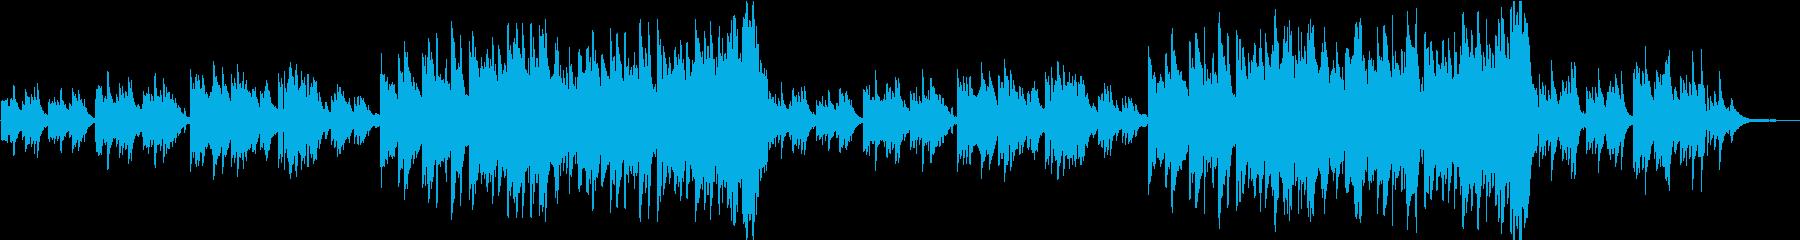 感動的なピアノ曲  ソフトverの再生済みの波形